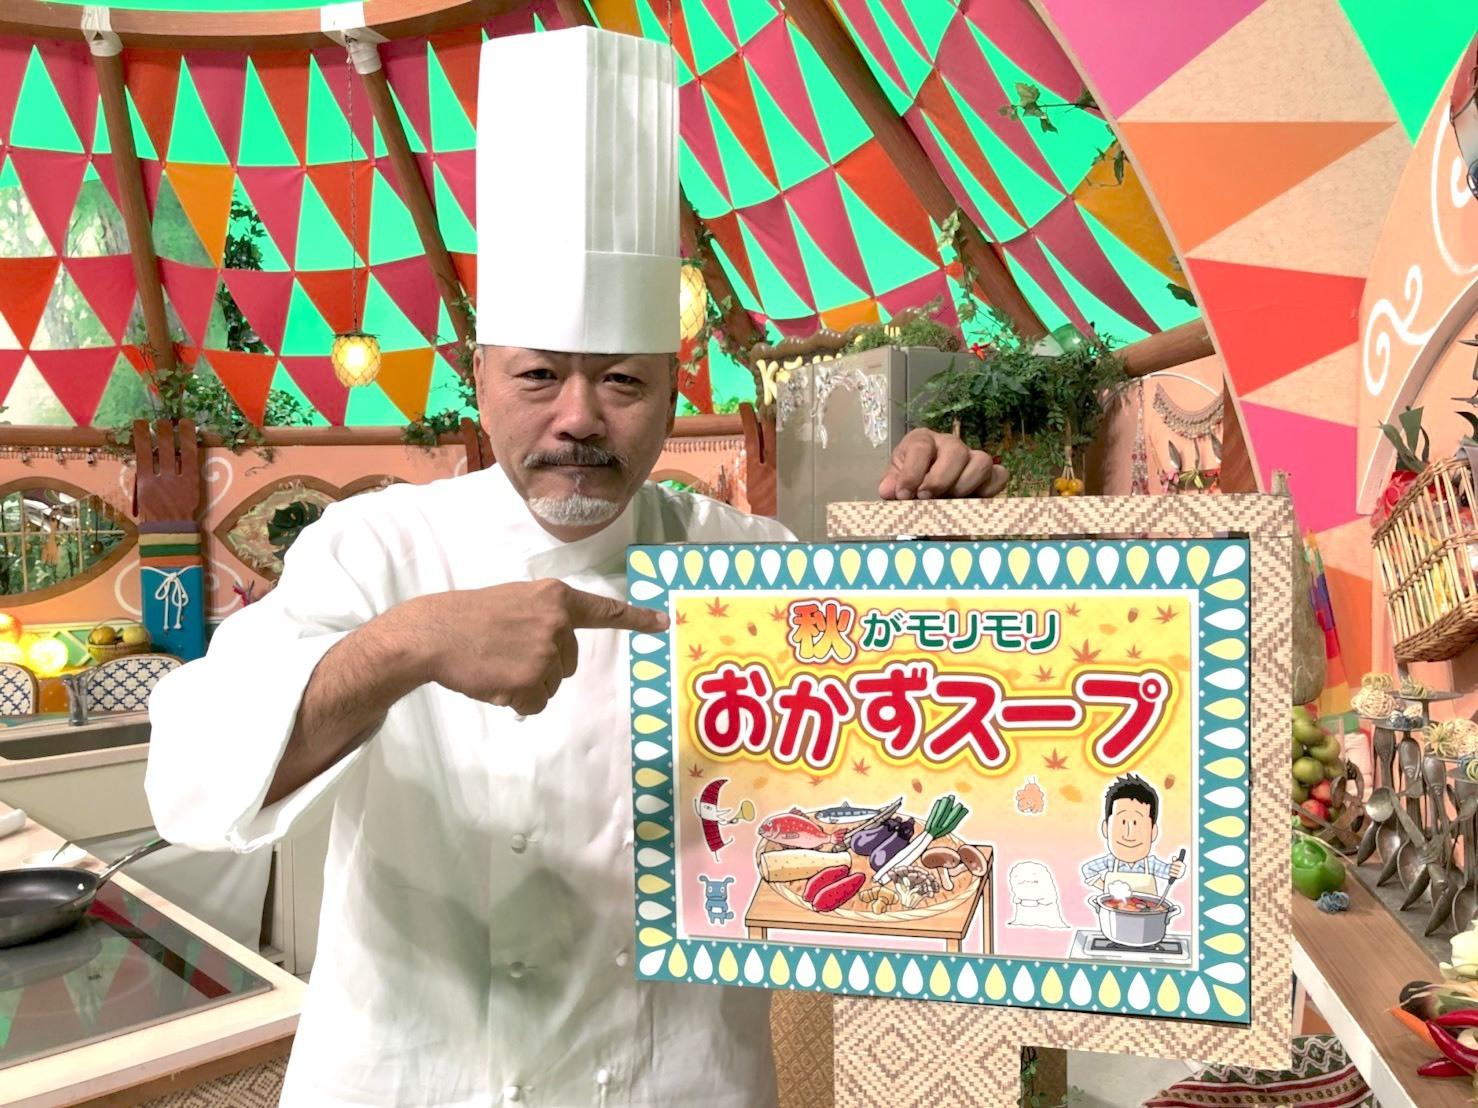 本日のちちんぷいぷい!_a0158527_18403188.jpg